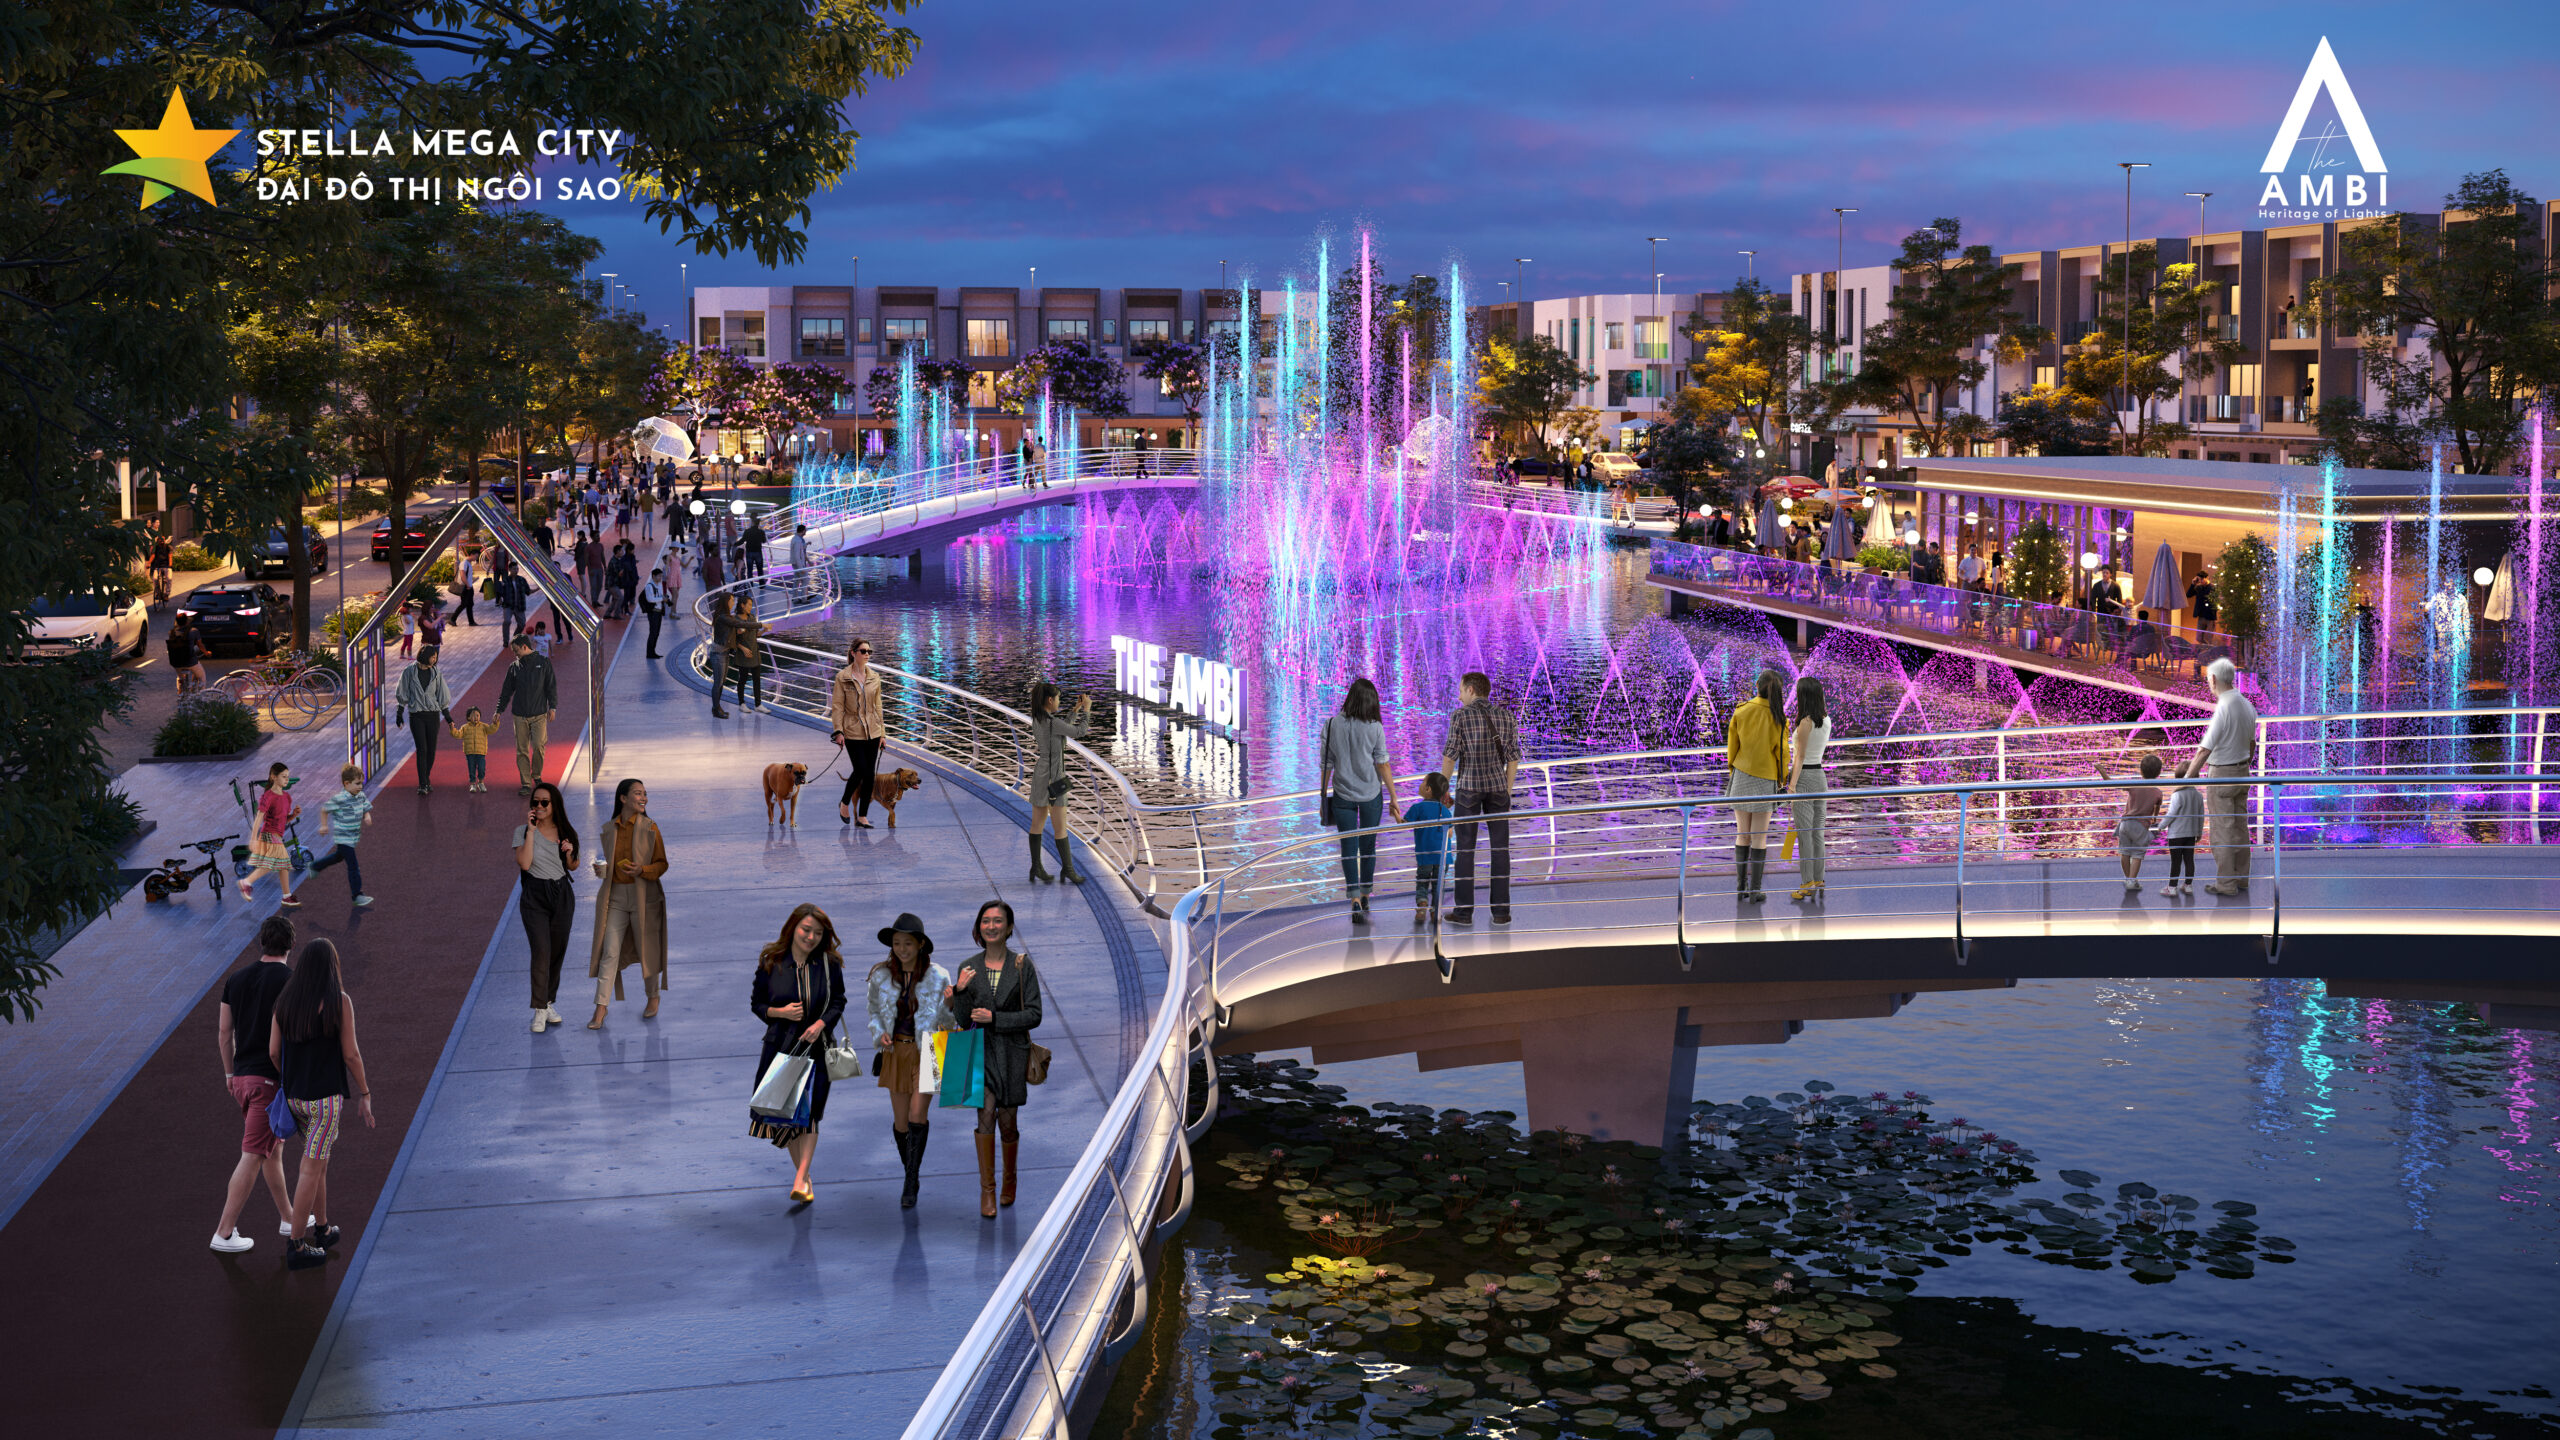 Stella Mega City công viên hồ ánh sáng